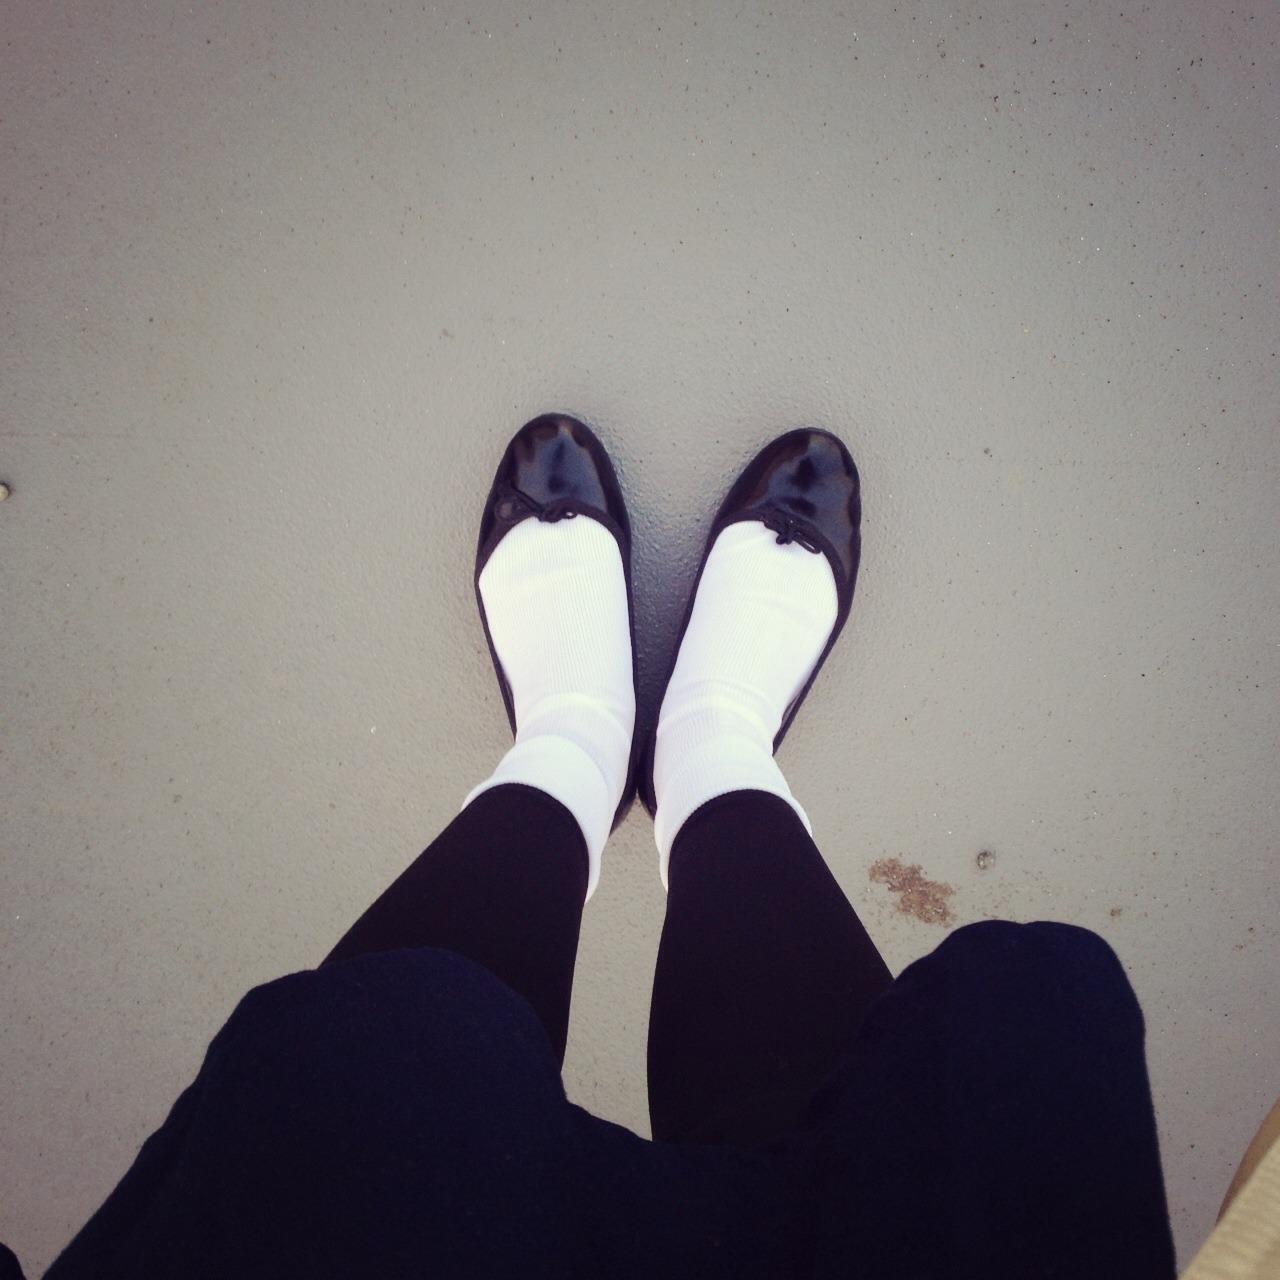 黒タイツ×靴下でオシャレに!冷え対策だけじゃない可愛いをプラス!のサムネイル画像